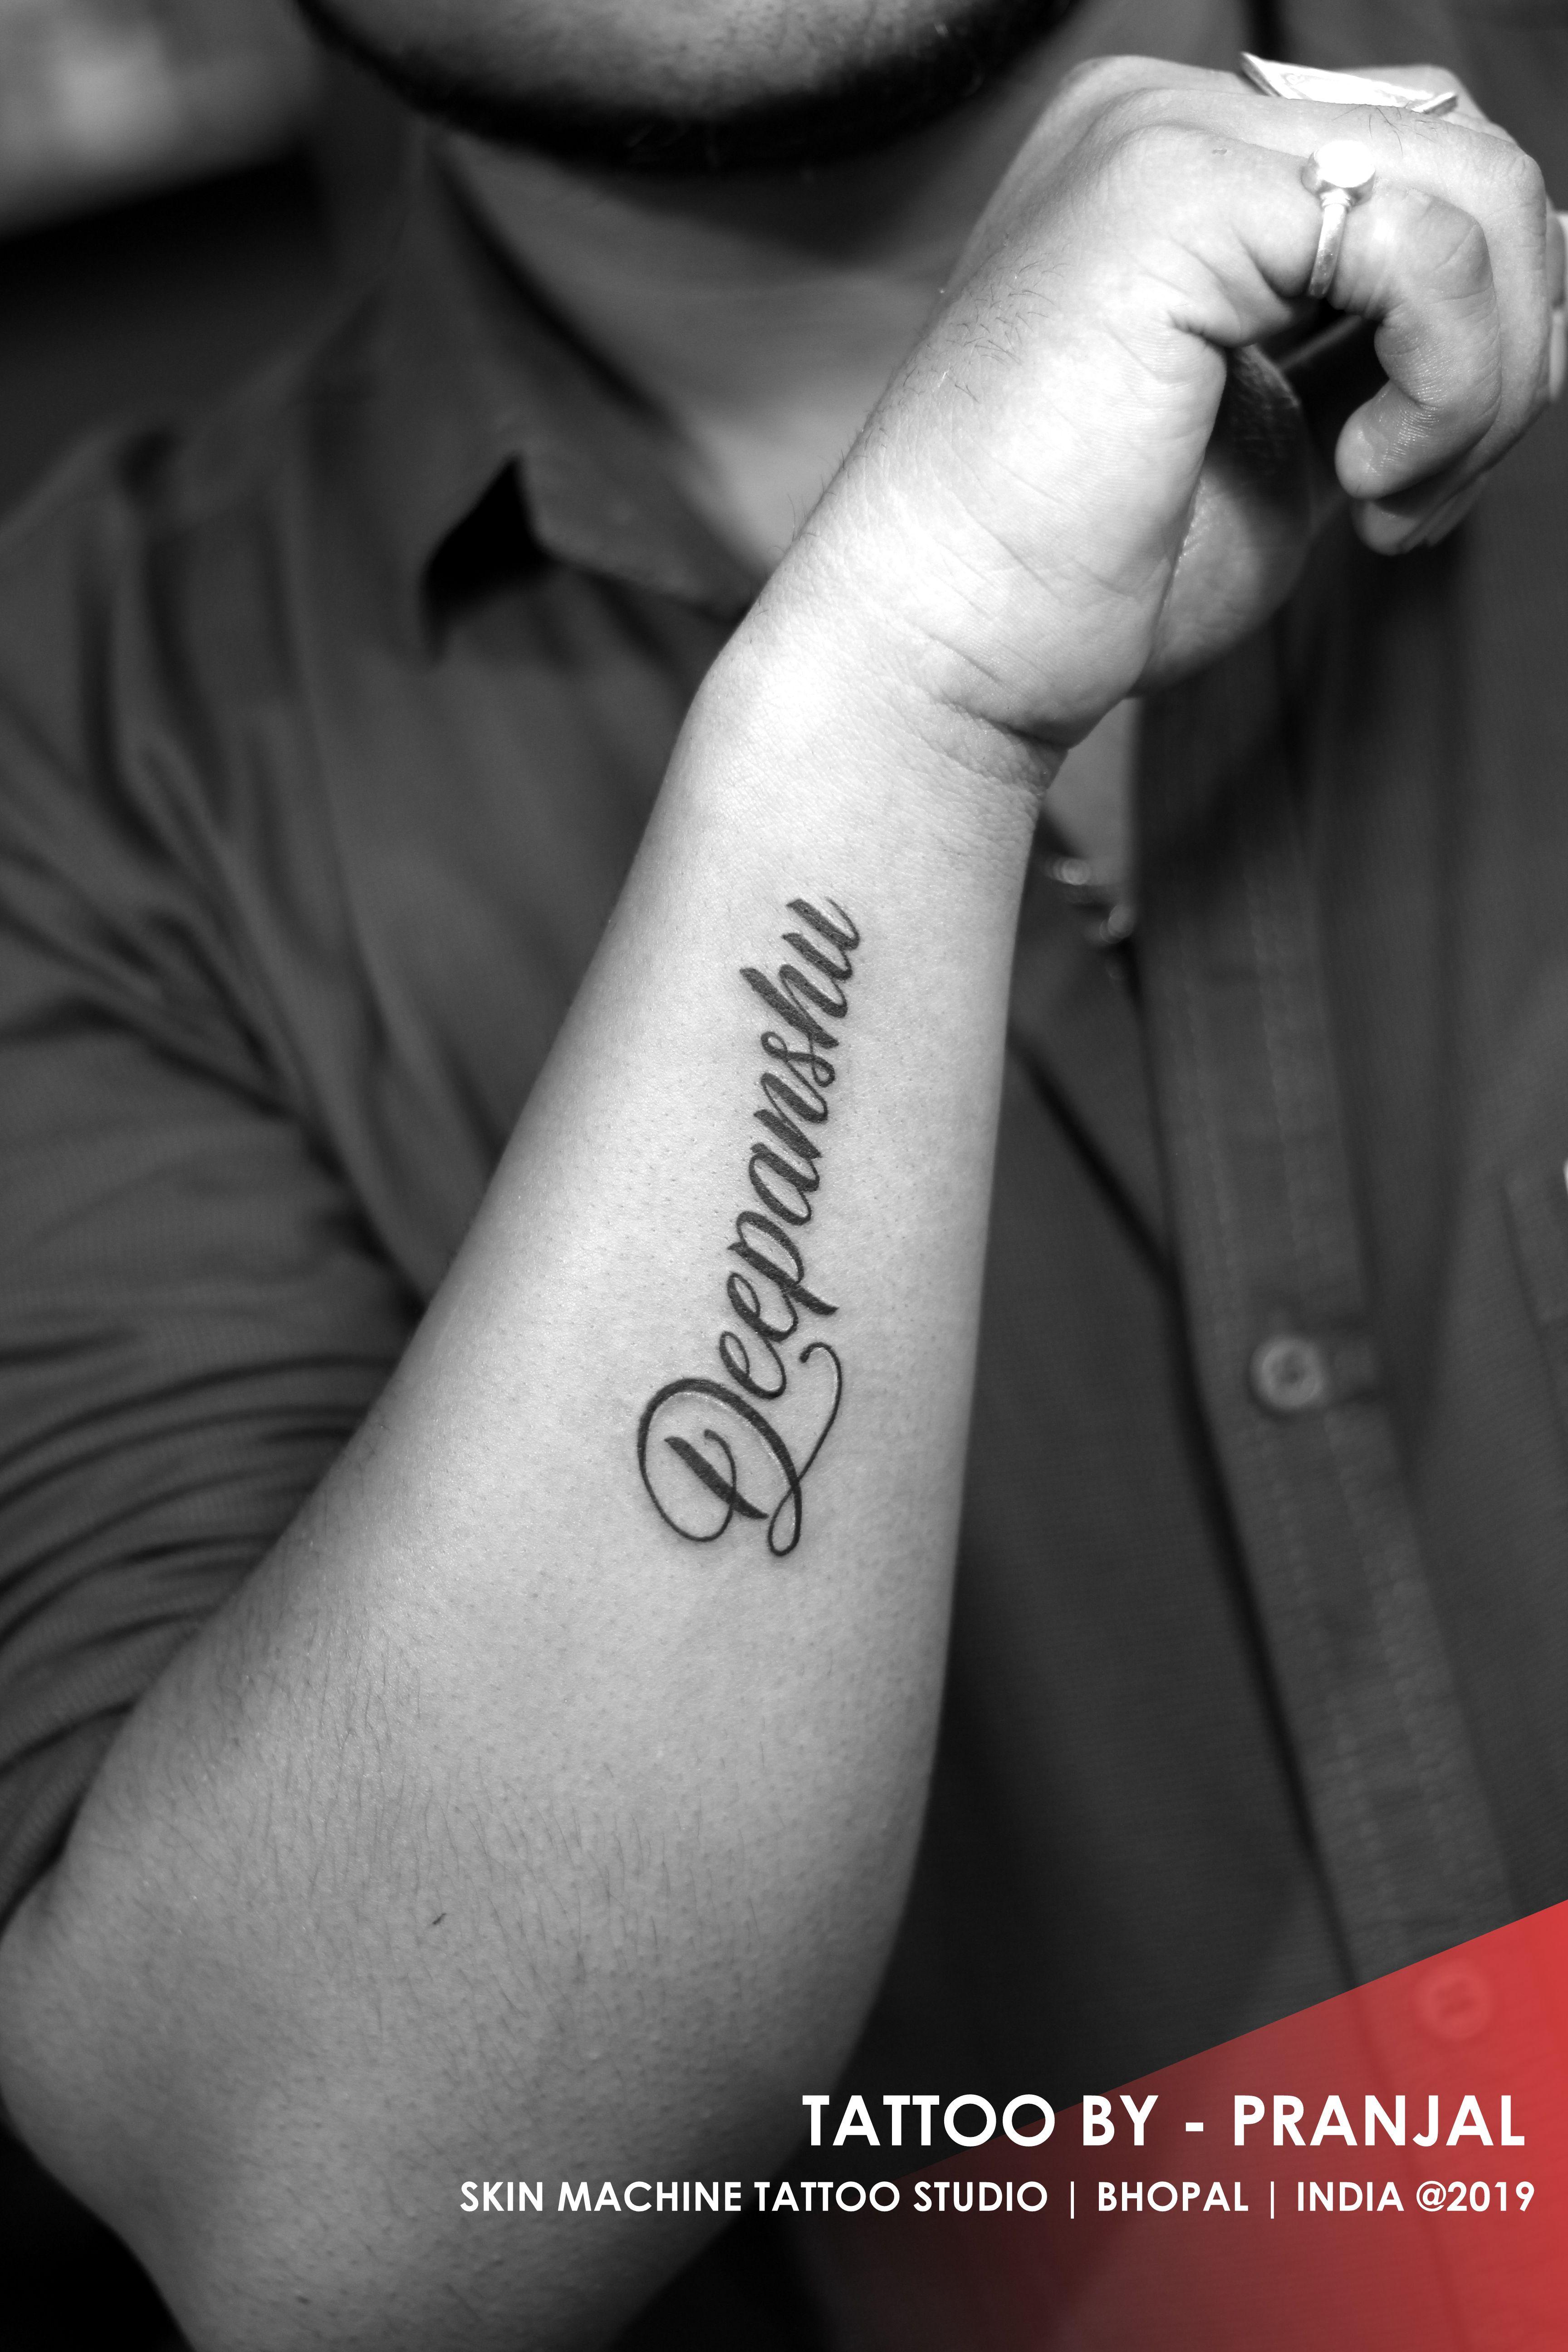 Name Tattoo Name Tattoo Hand Tattoos Tattoo Studio Yash name tattoo wallpaper